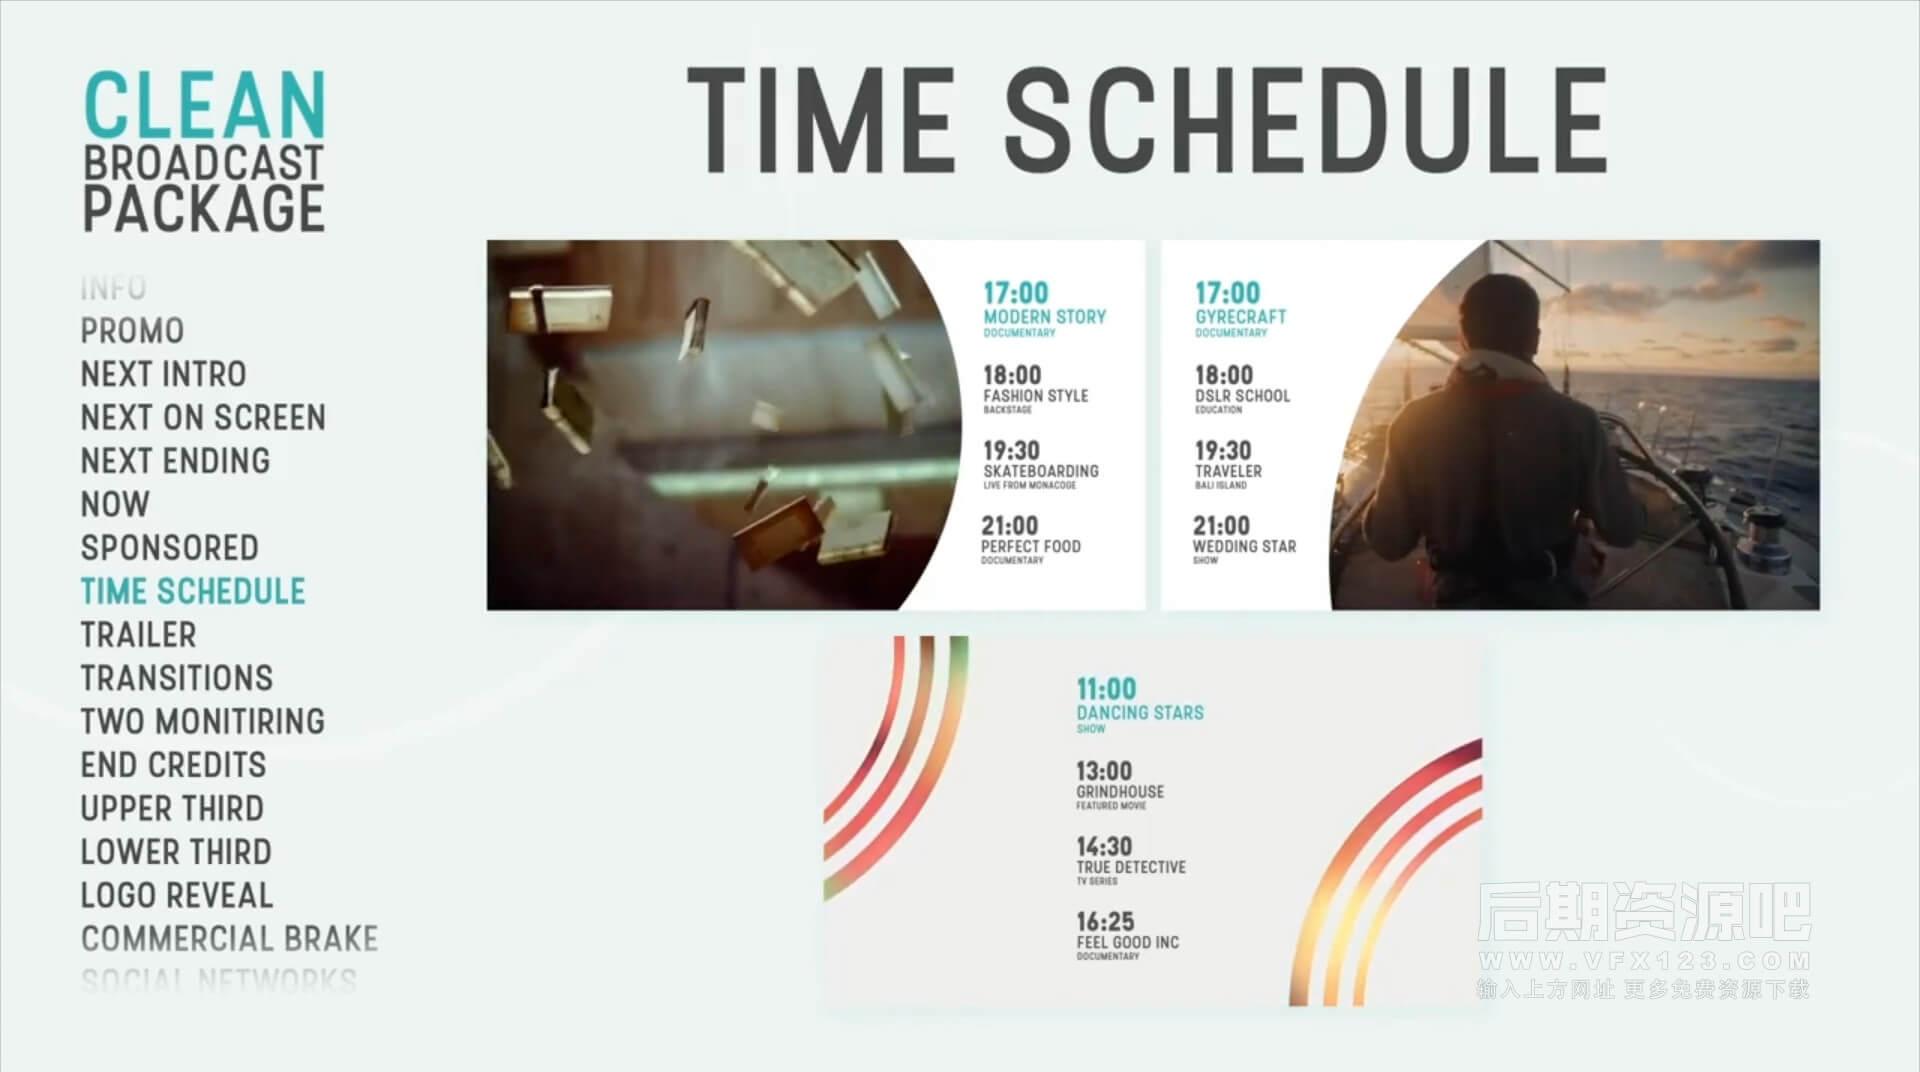 FCPX插件 42种简洁时尚商务电视广告社交网络栏目包装动画 Clean Broadcast